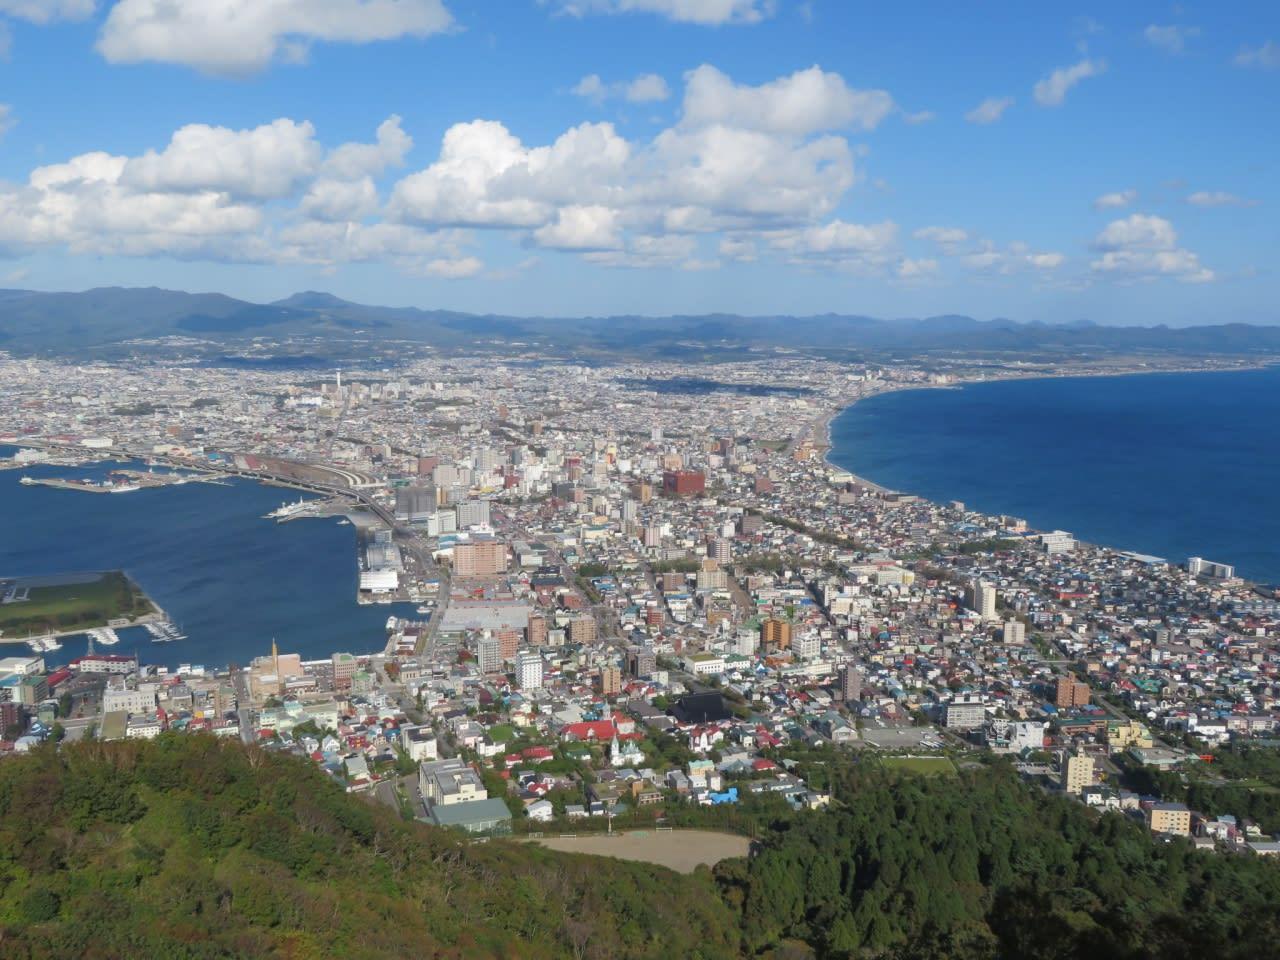 ノルウェージャン・ジュエル 太平洋横断クルーズ20日間の旅⑨函館